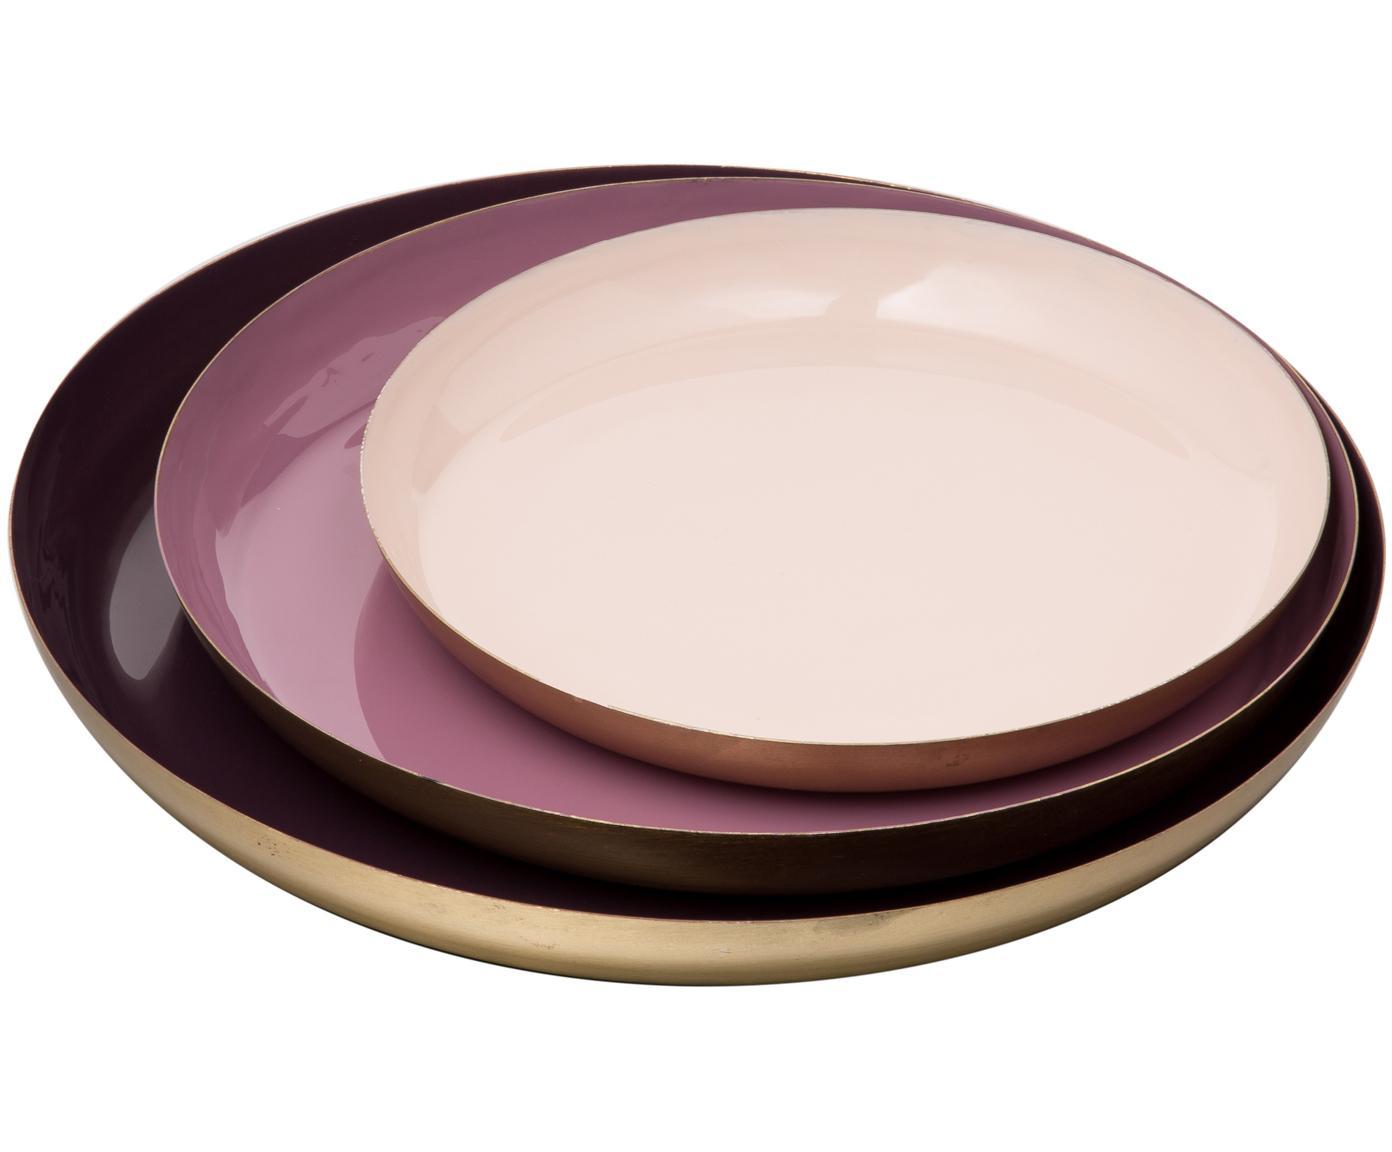 Decoratieve dienbladenset Minella, 3-delig, Gelakt metaal, Lila, roze. Rand: goudkleurig, Verschillende formaten